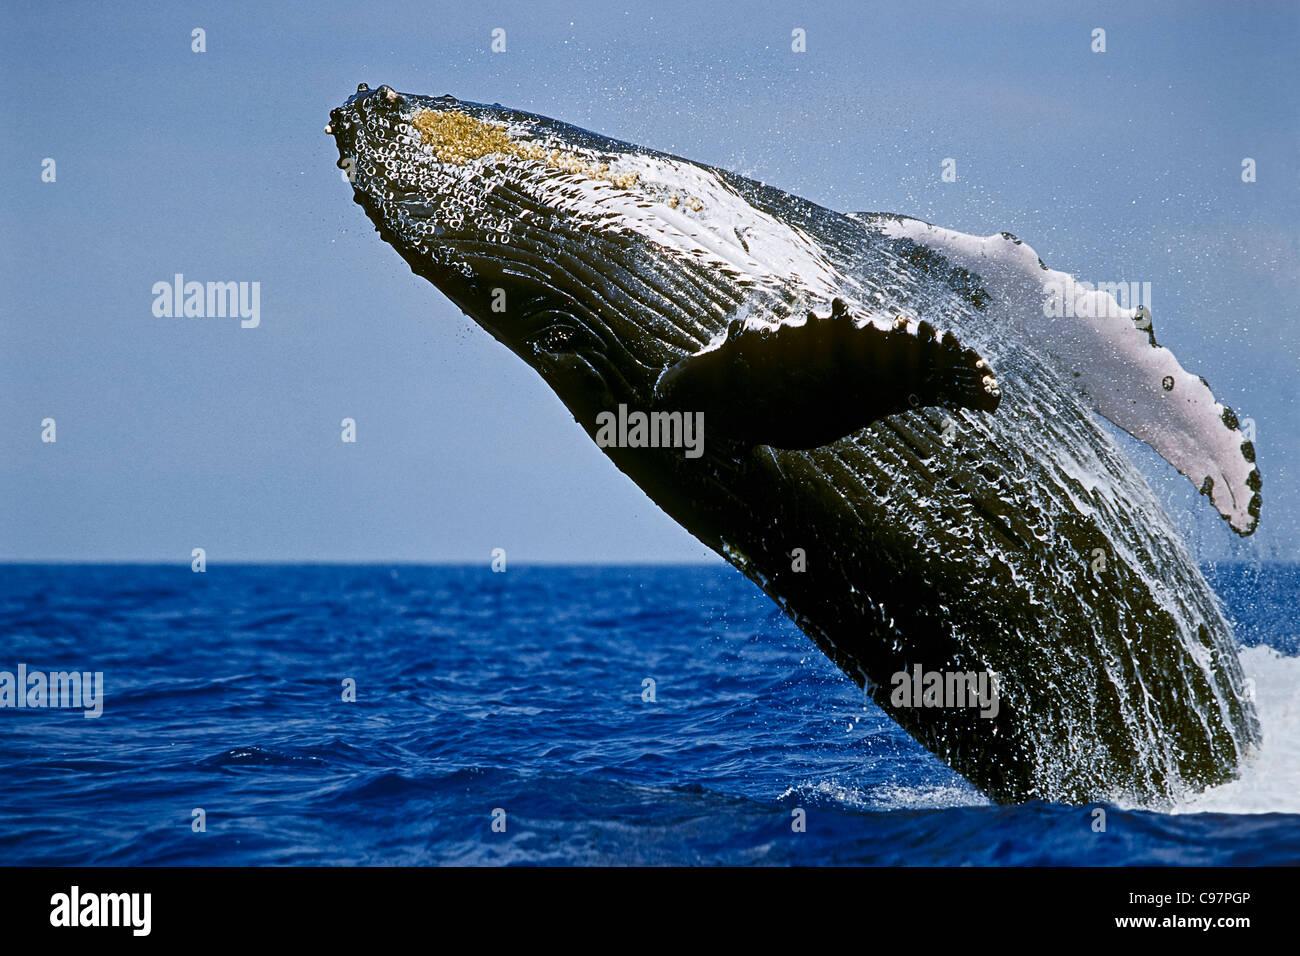 Ballena humpback, Hawai'ballena jorobada', lunging, violar, ballena Foto de stock